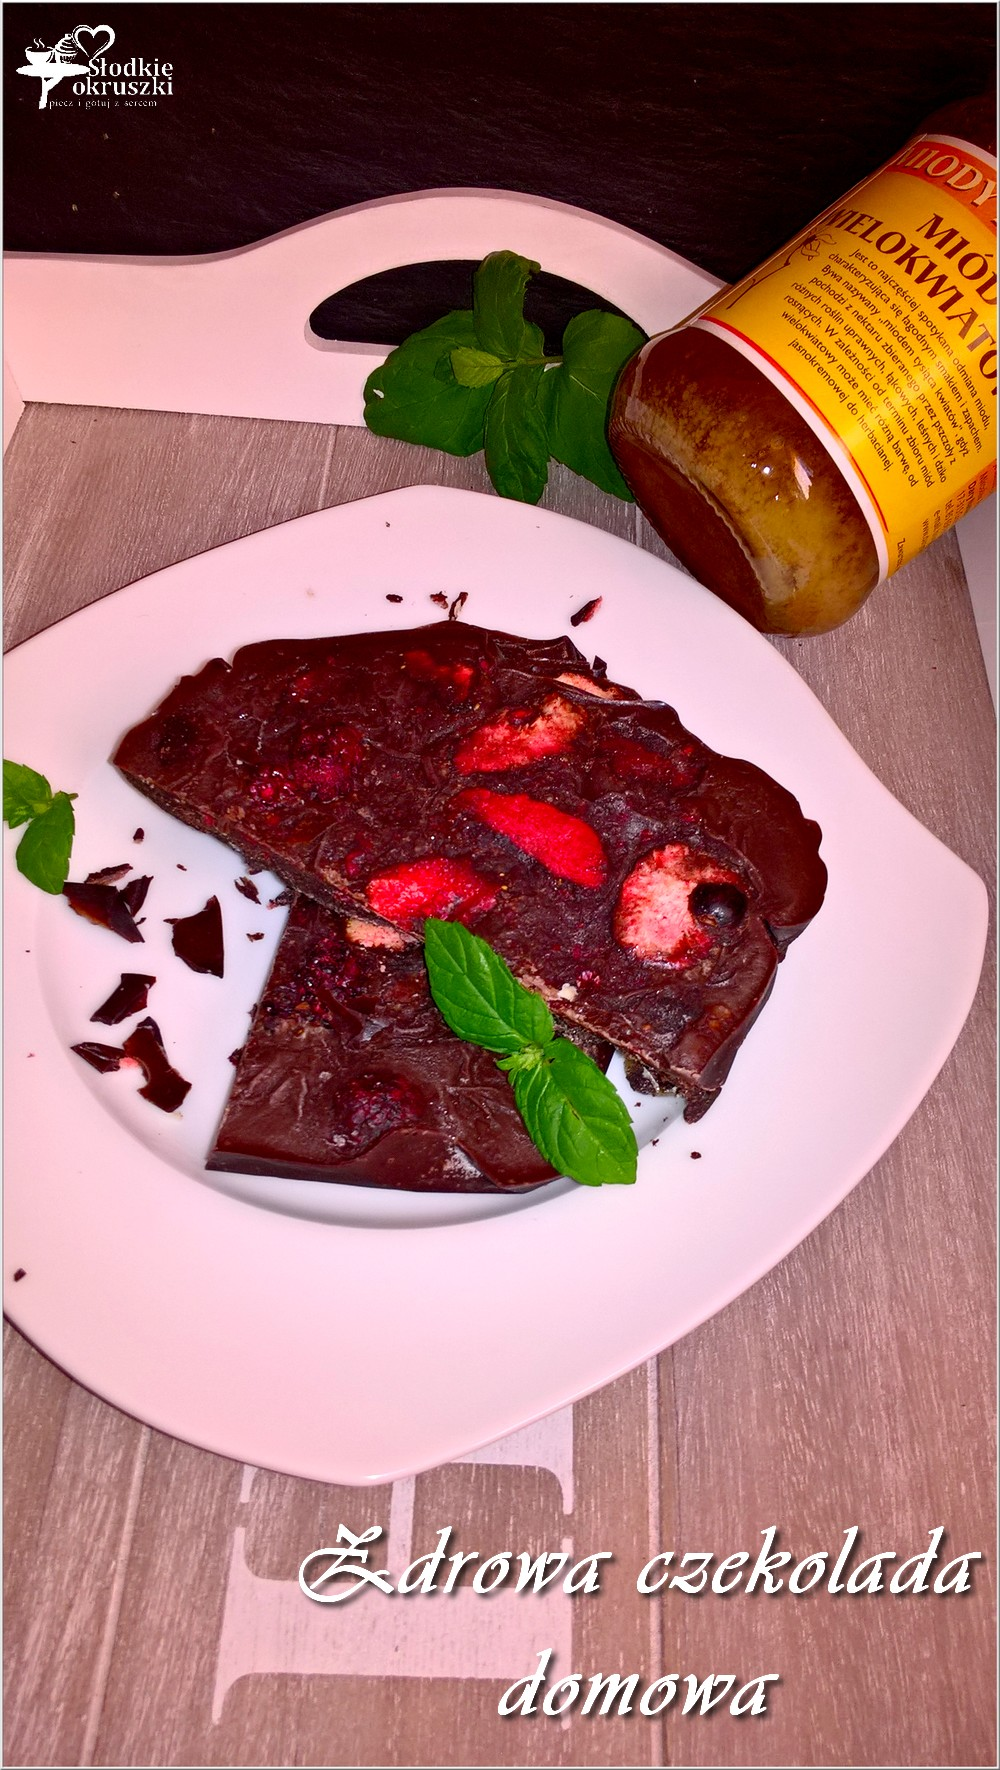 Zdrowa czekolada domowa (2)